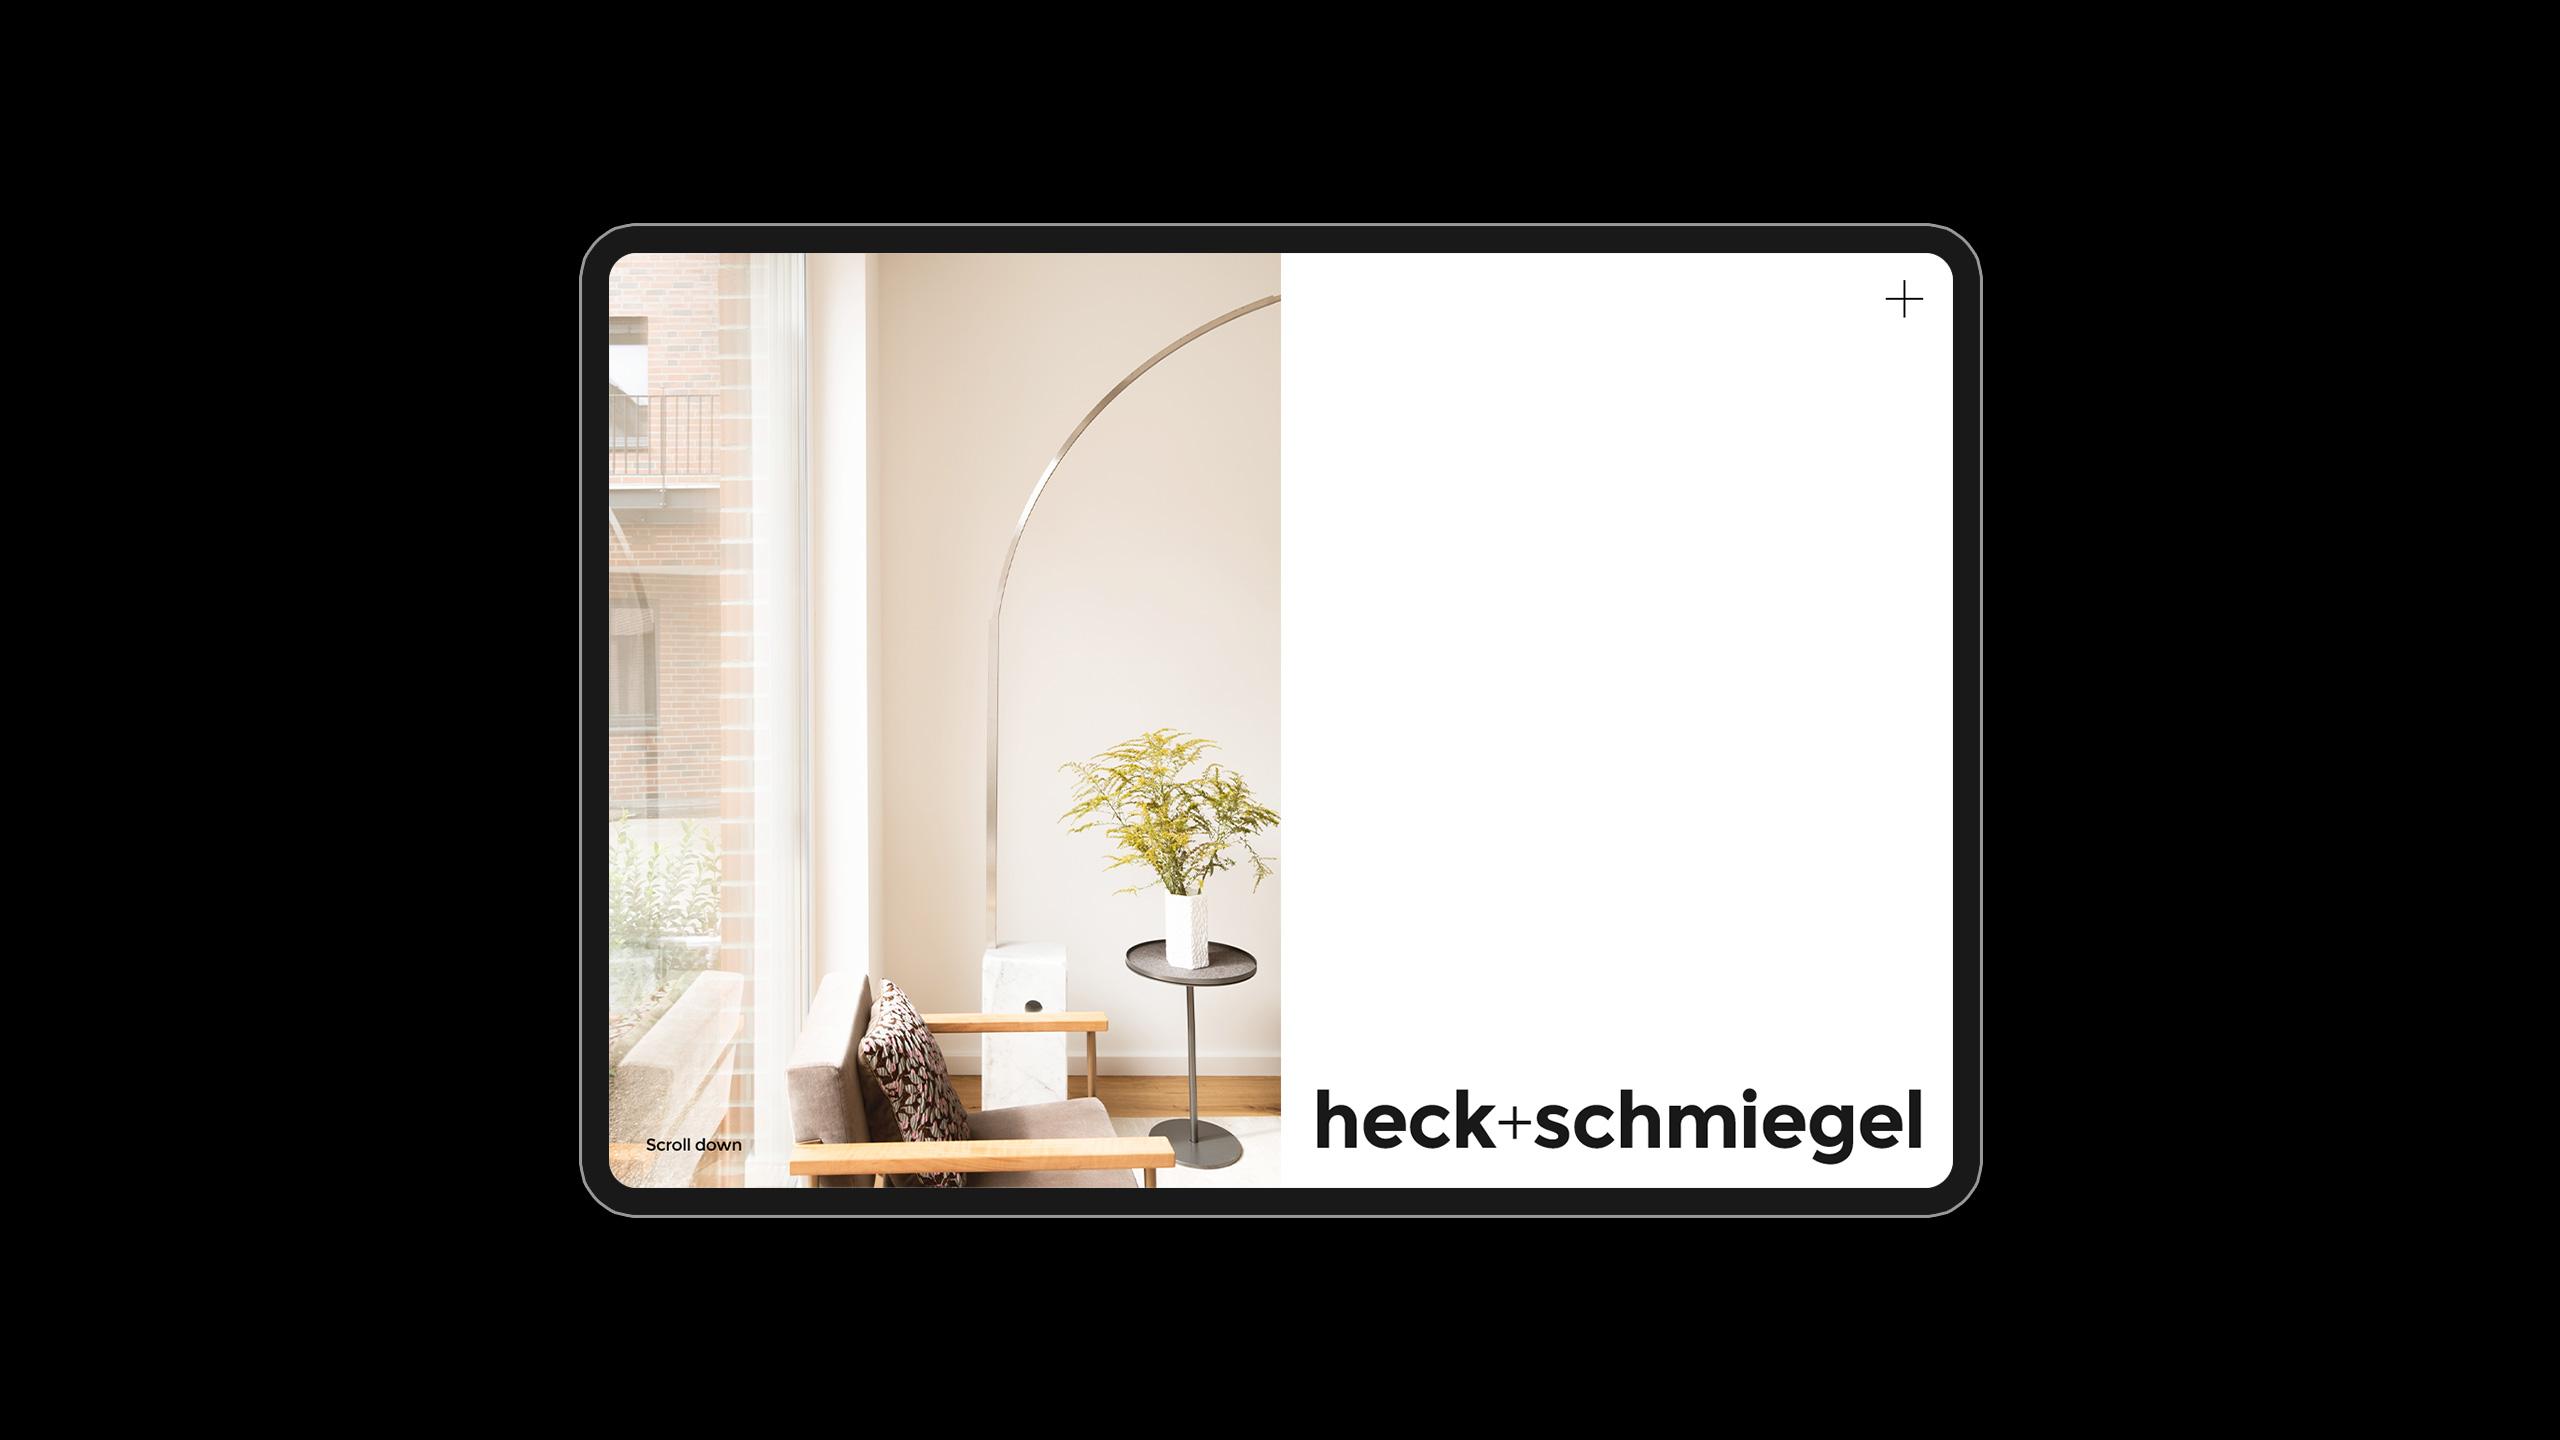 009-heckundschmiegel-architektur_high